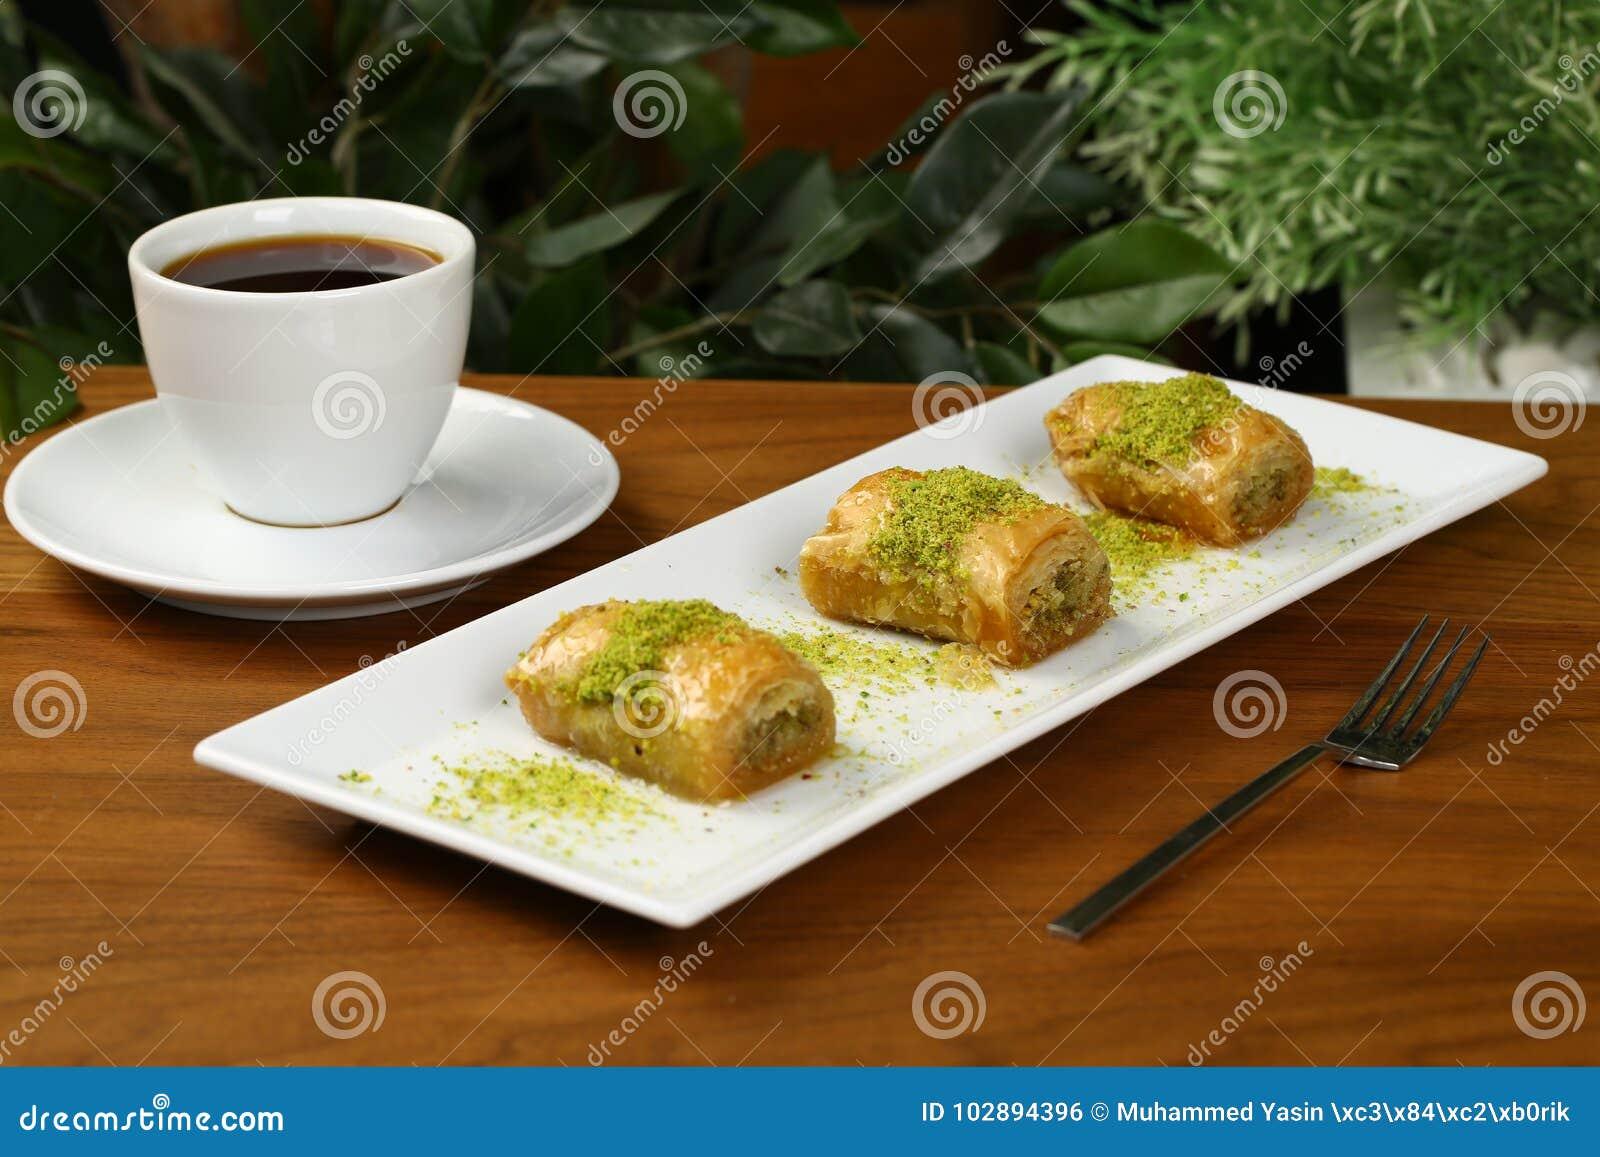 Baklava och kaffe